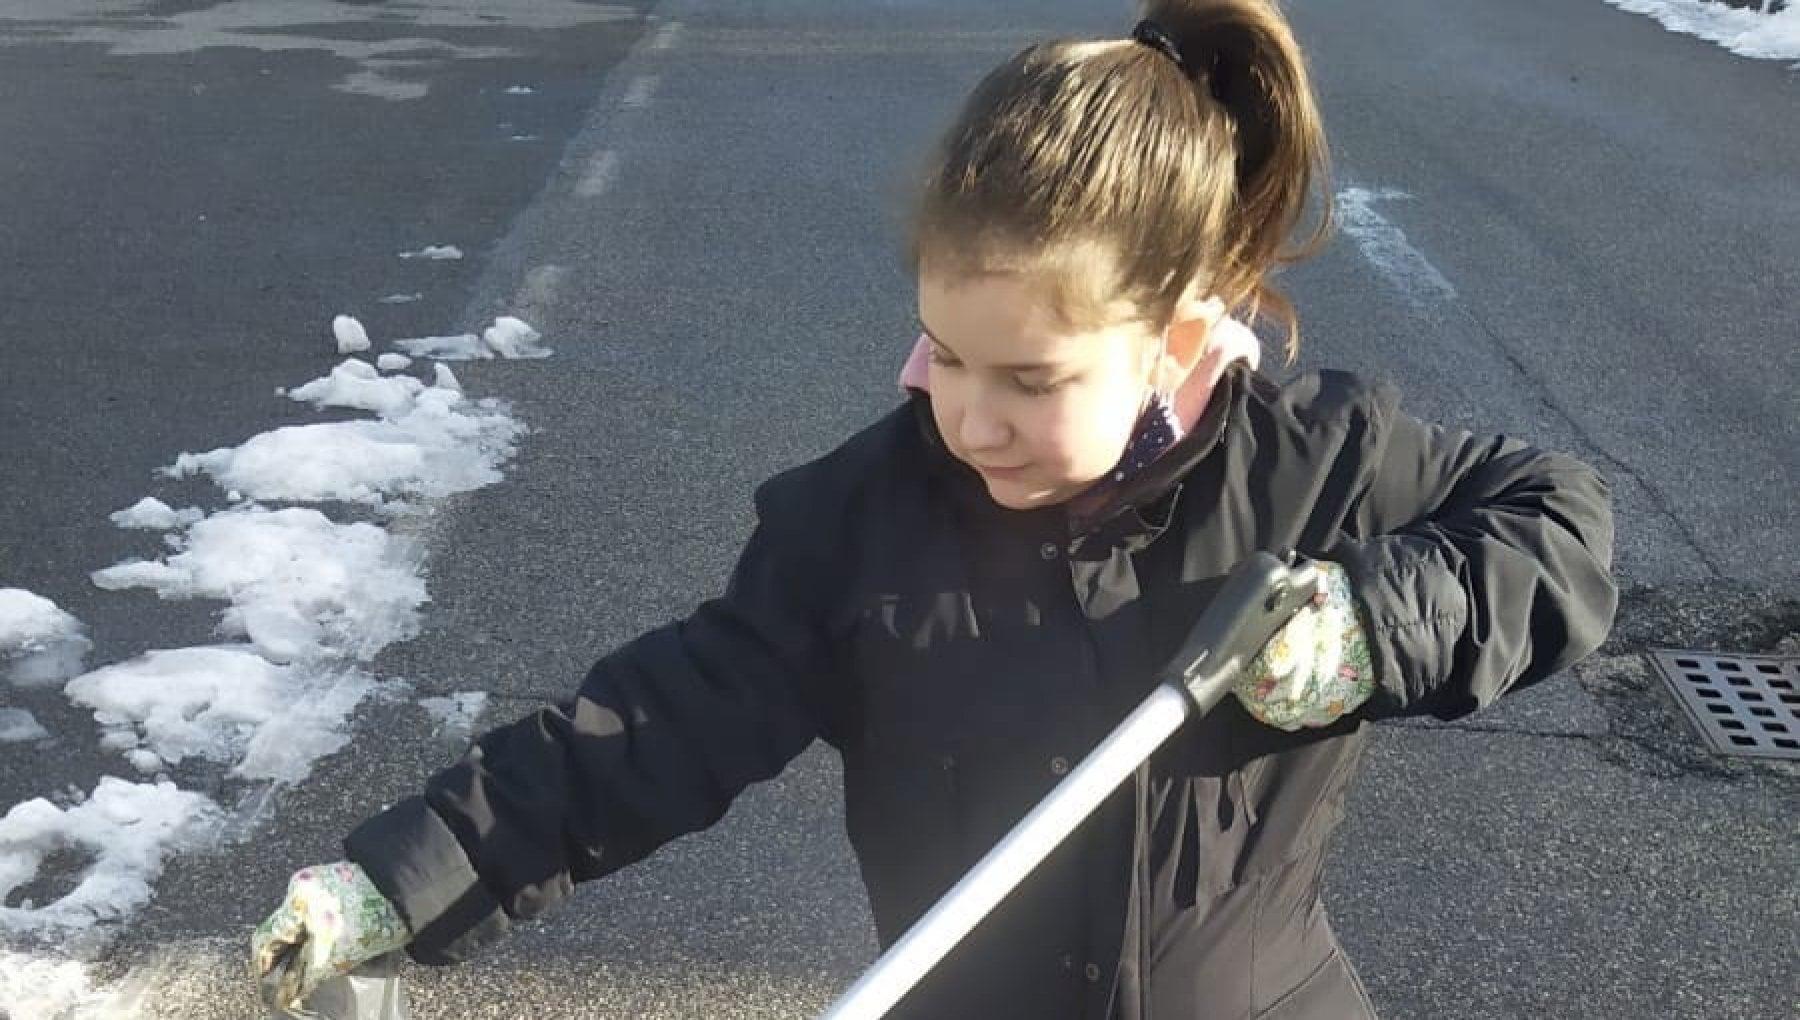 Zoe la piccola Greta Thunberg di Bedizzole che a sette anni raccoglie i rifiuti per strada